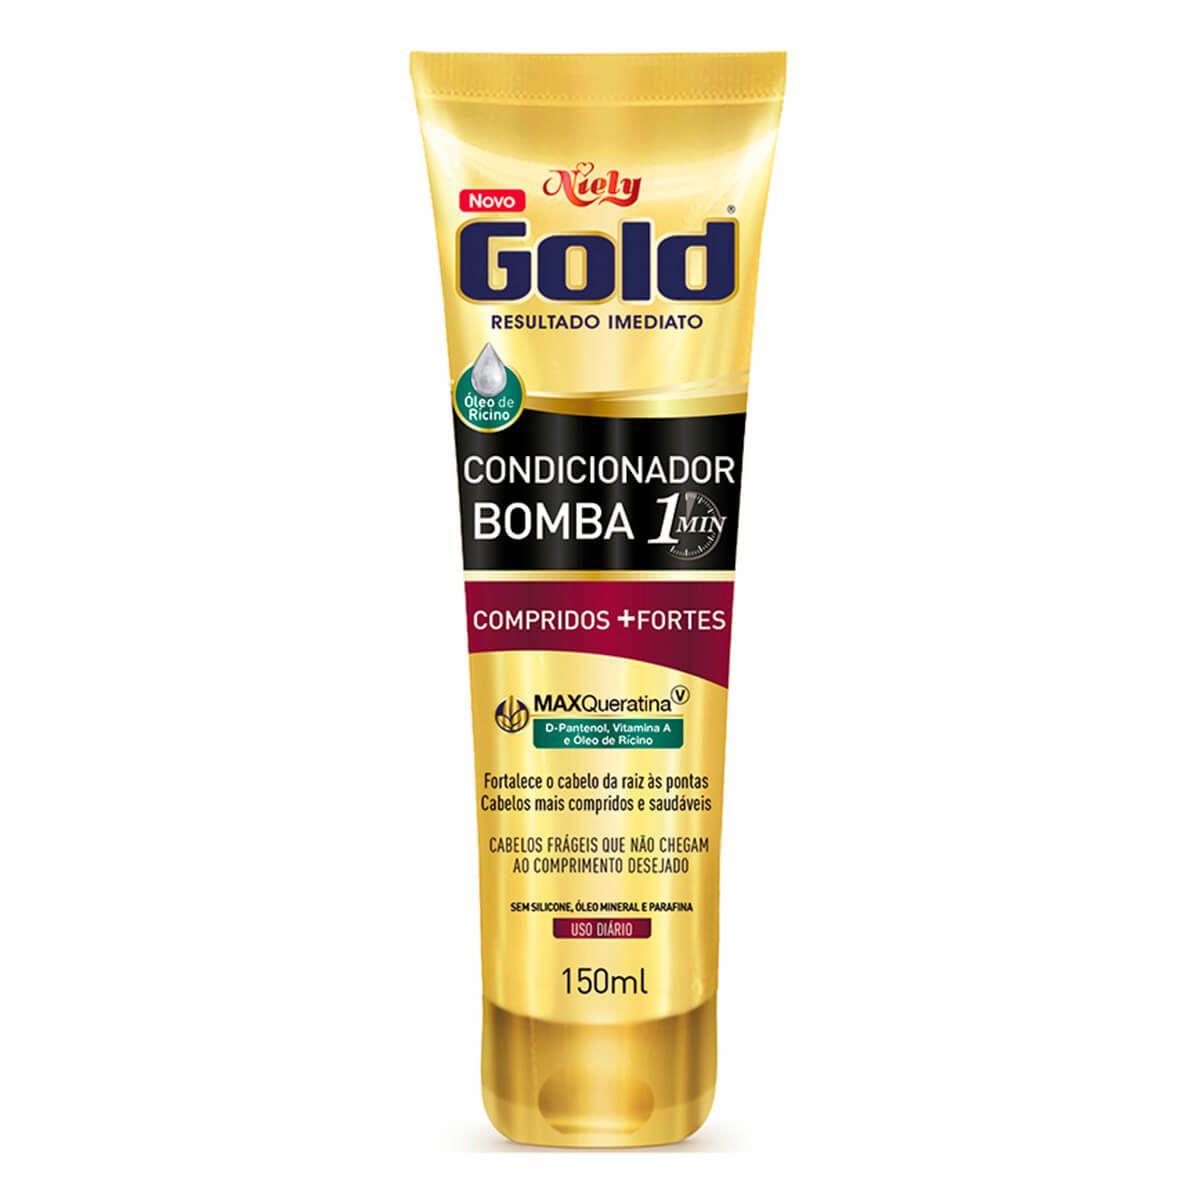 Niely Gold Condicionador Bomba Compridos+Fortes 150mL